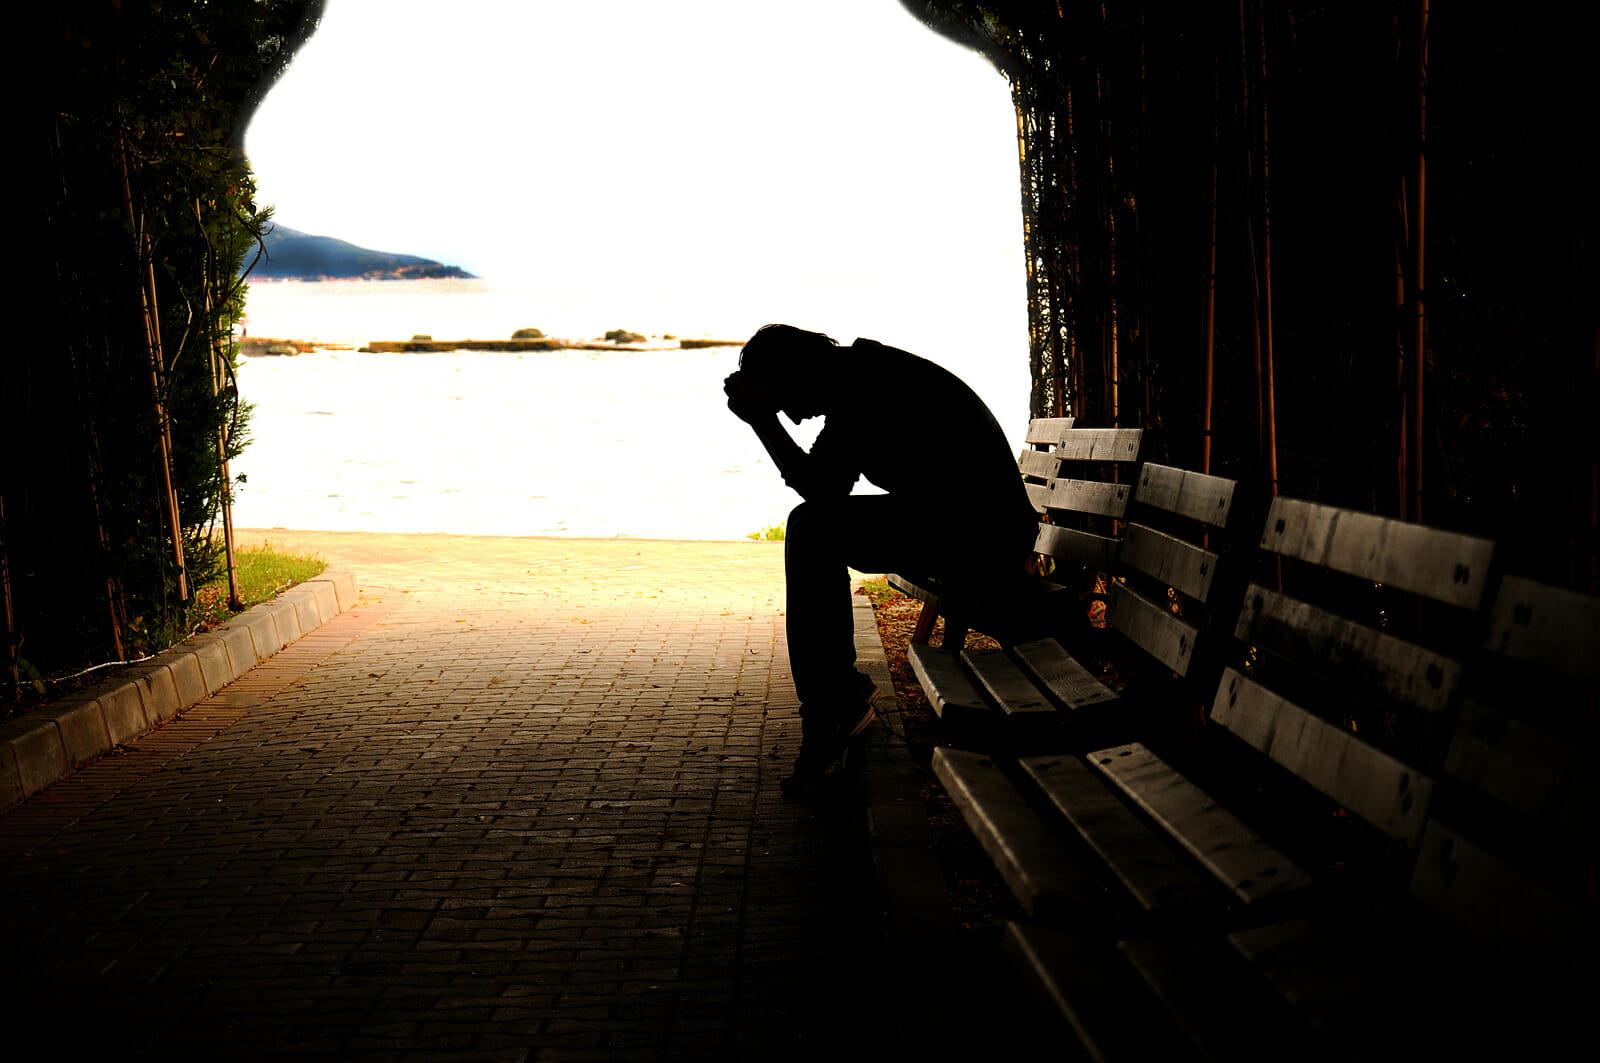 Прикольные картинки одинокого парня